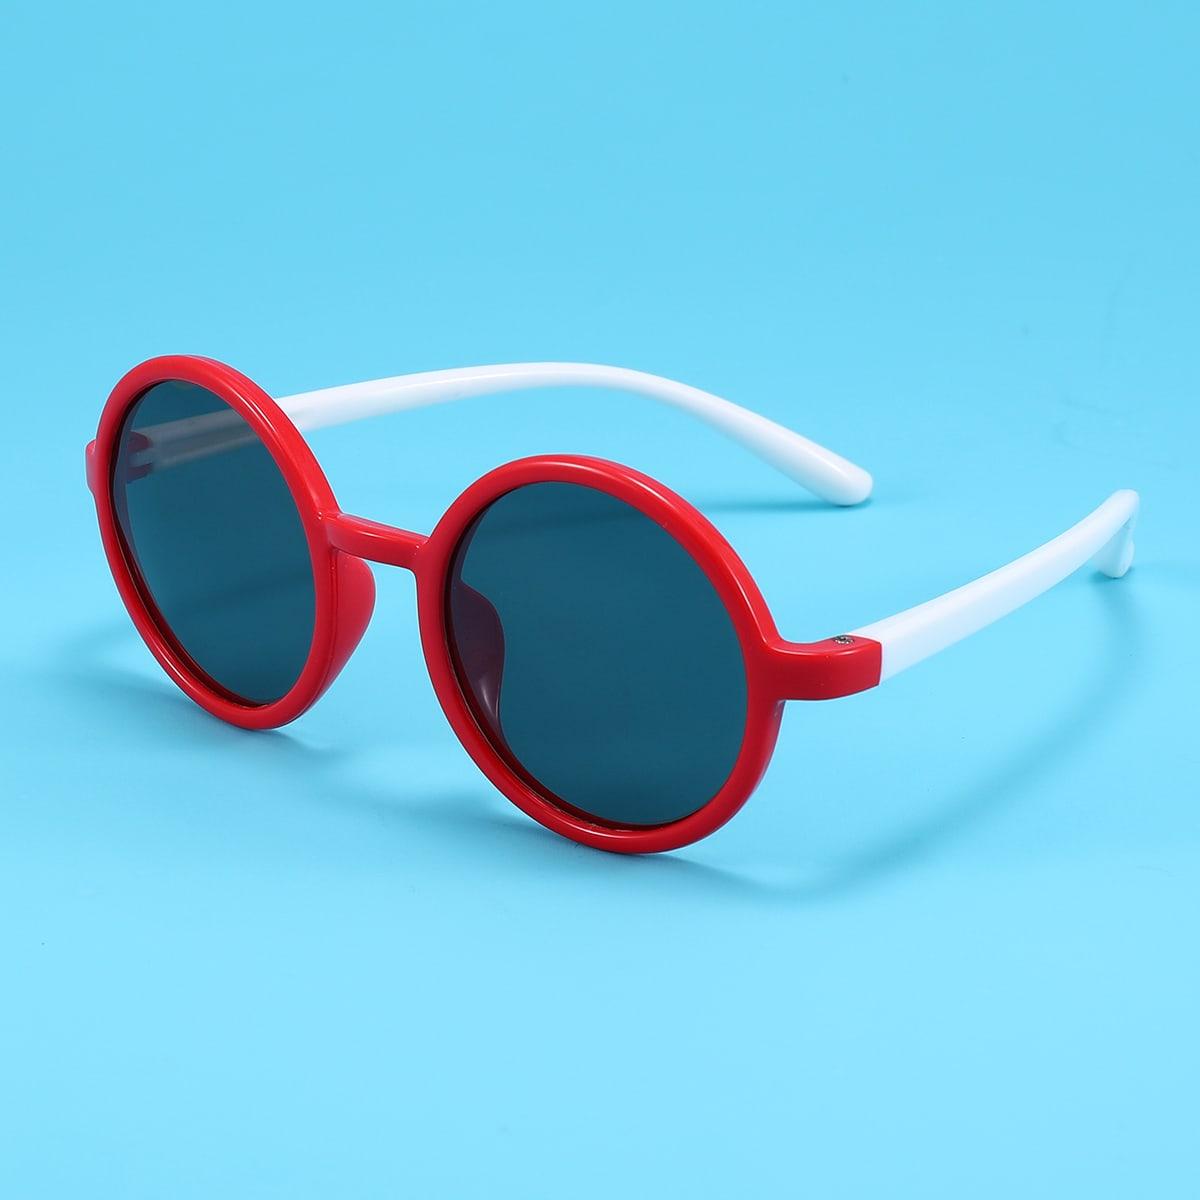 Gafas de sol con montura redonda para niños pequeños